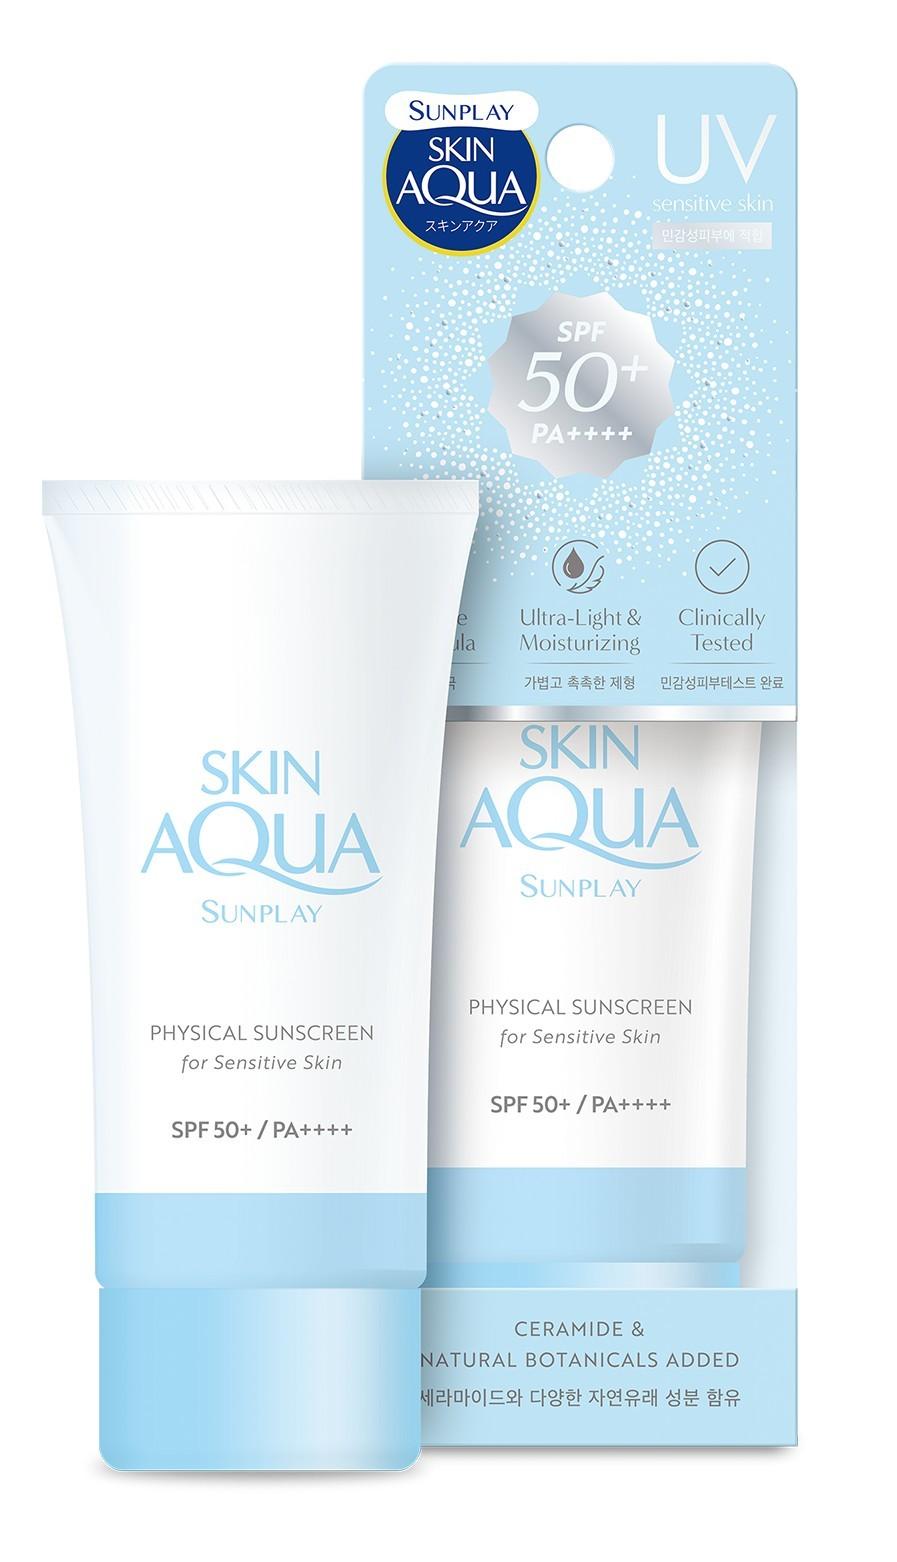 敏感肌化妝品推介Sunplay SkinAqua Physical Sunscreen